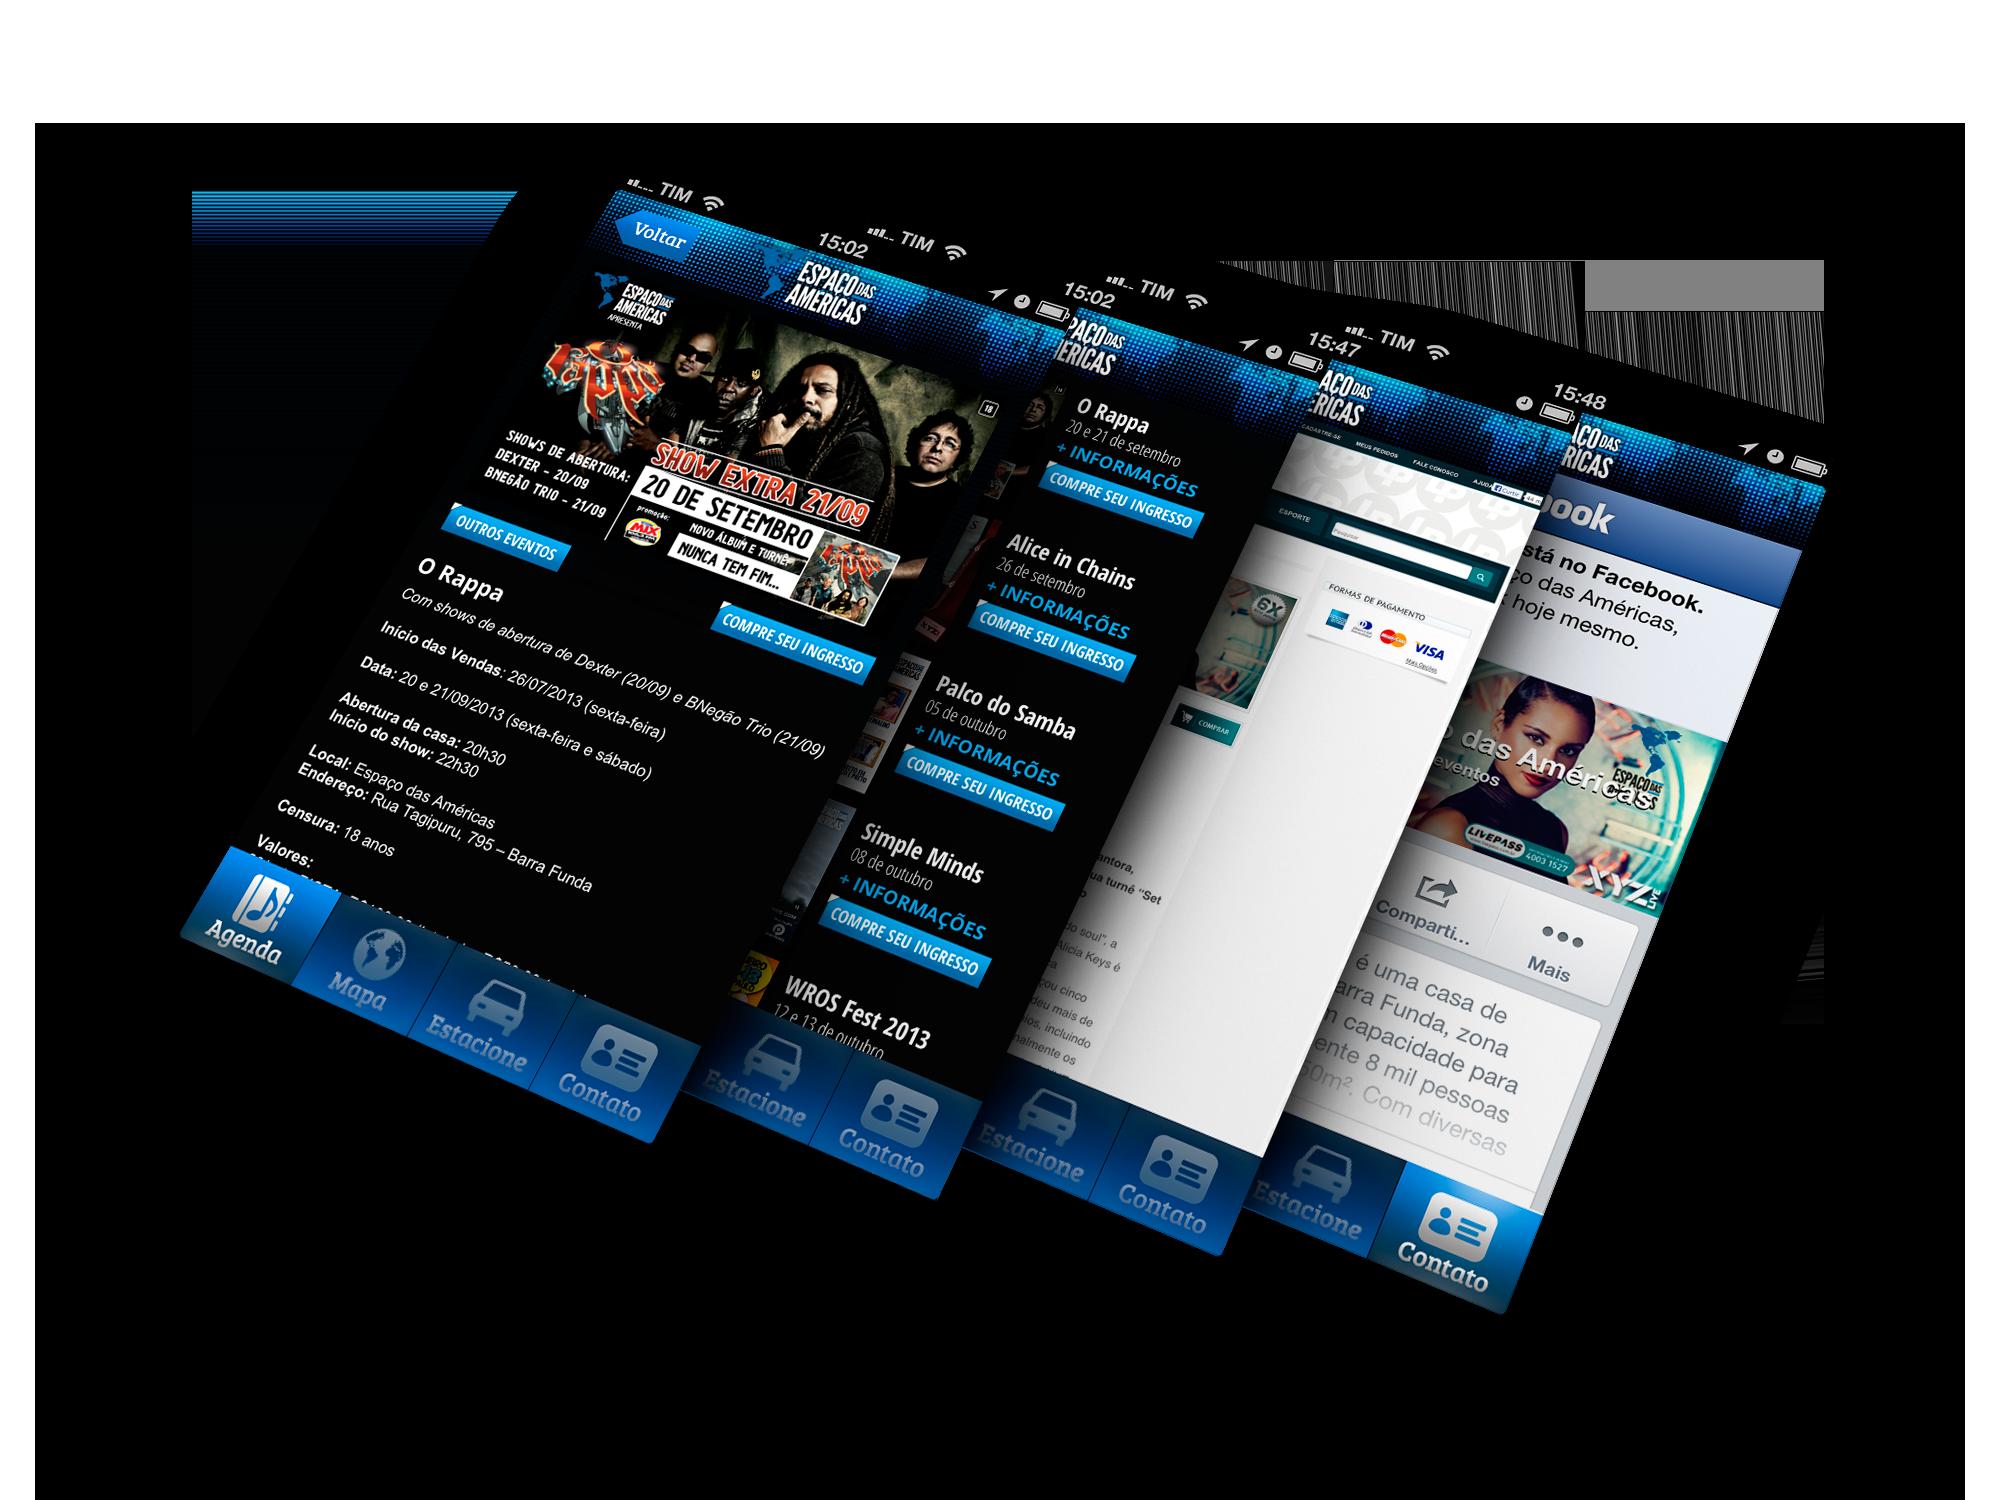 espaco-das-americas-app